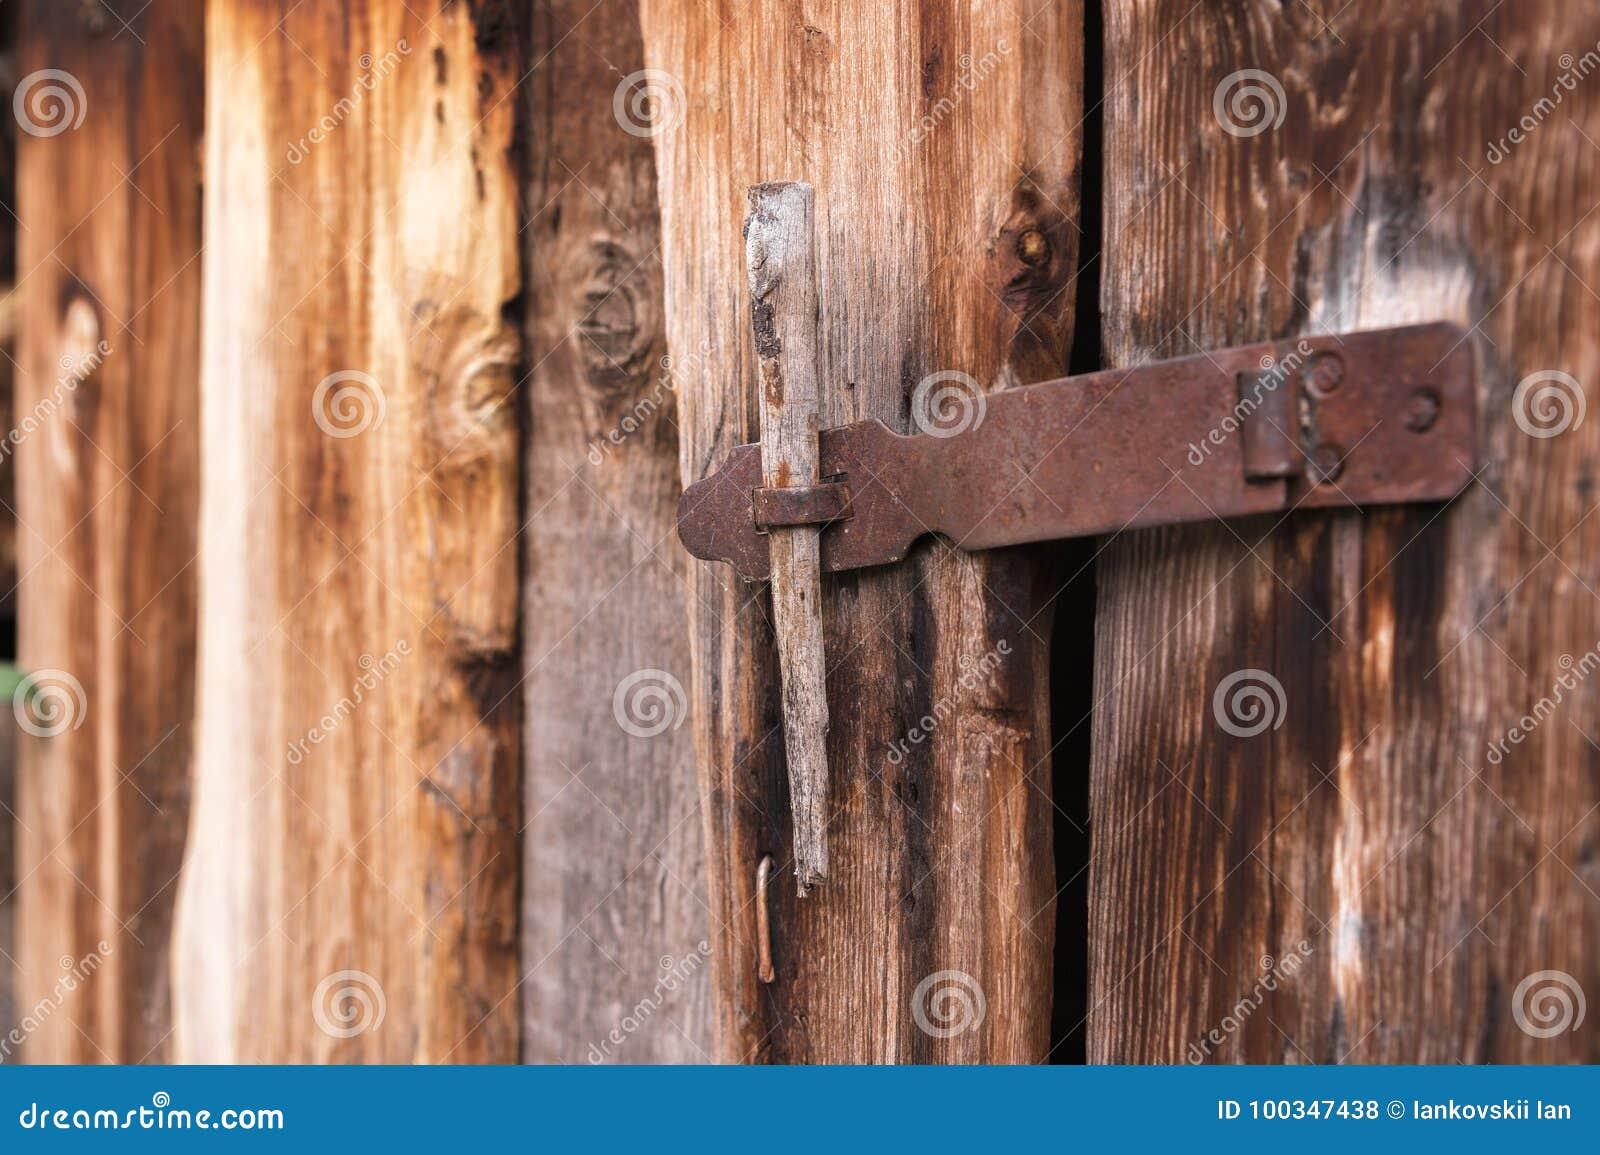 La vieille serrure simple sur une porte en bois s 39 est - Vieille porte en bois a donner ...